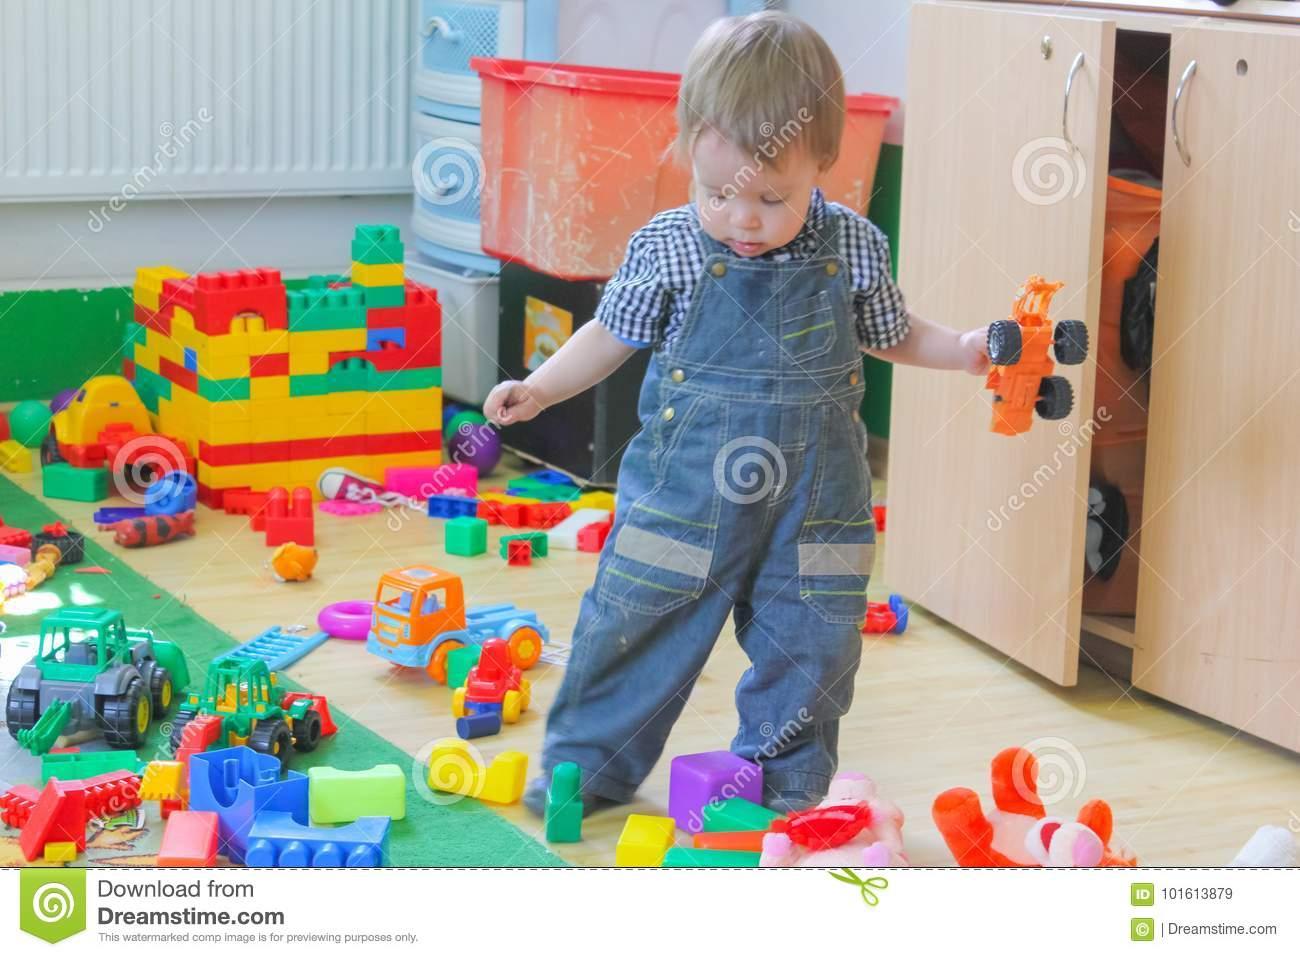 Jeux De Petit Garçon Avec Des Voitures De Jouet Enfant Parmi destiné Jeux Des Petit Garçon